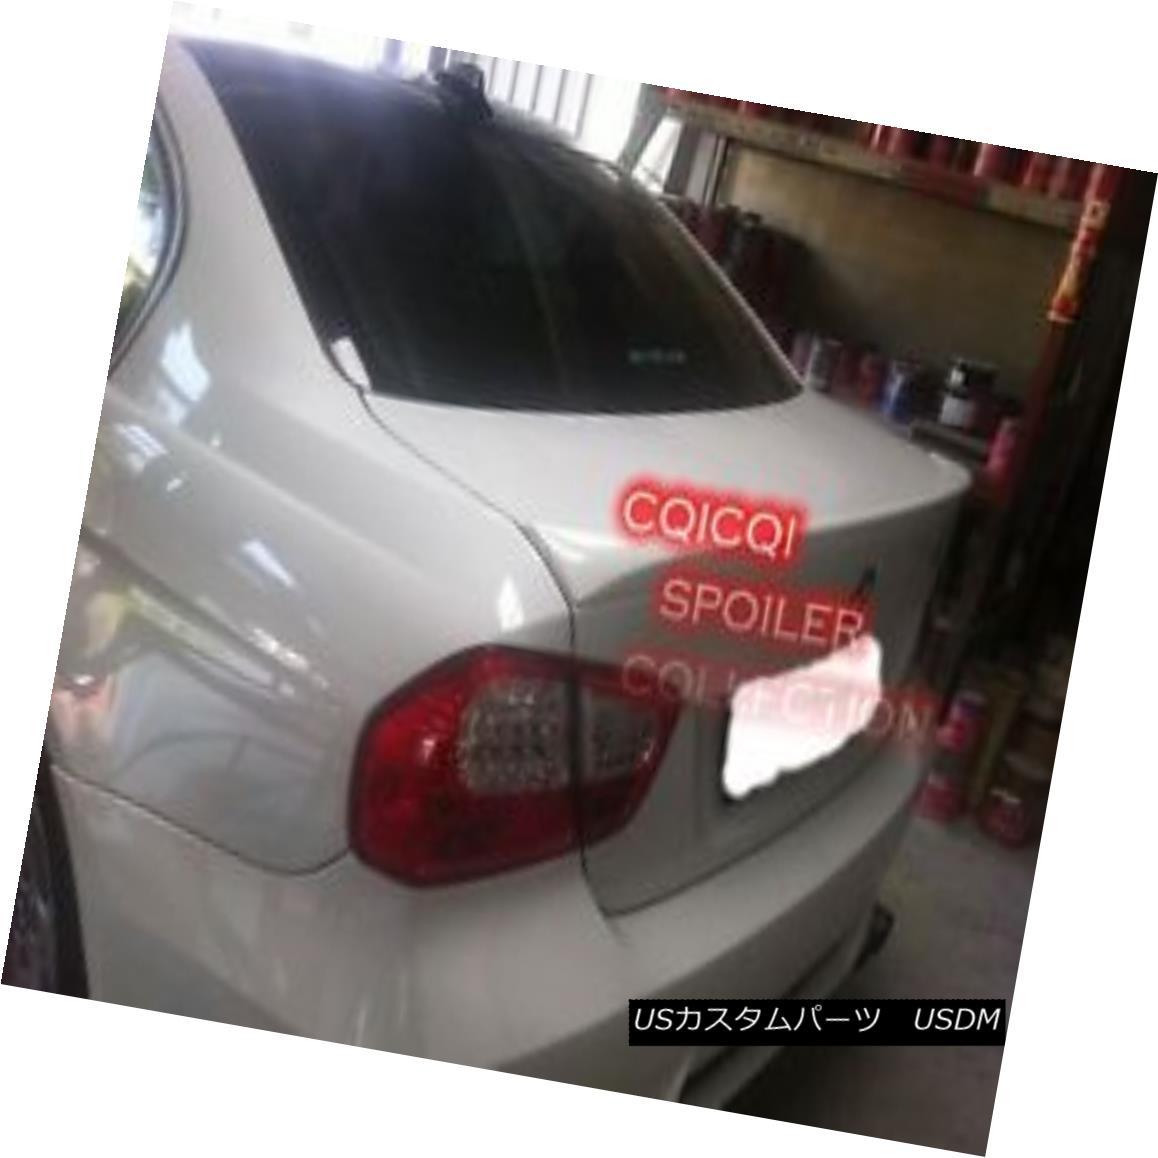 エアロパーツ Painted BMW 06~11 E90 3-series sedan OEM type trunk spoiler color:300 white◎ ペイントされたBMW 06?11 E90 3シリーズセダンOEMタイプのトランクスポイラーカラー:300白?